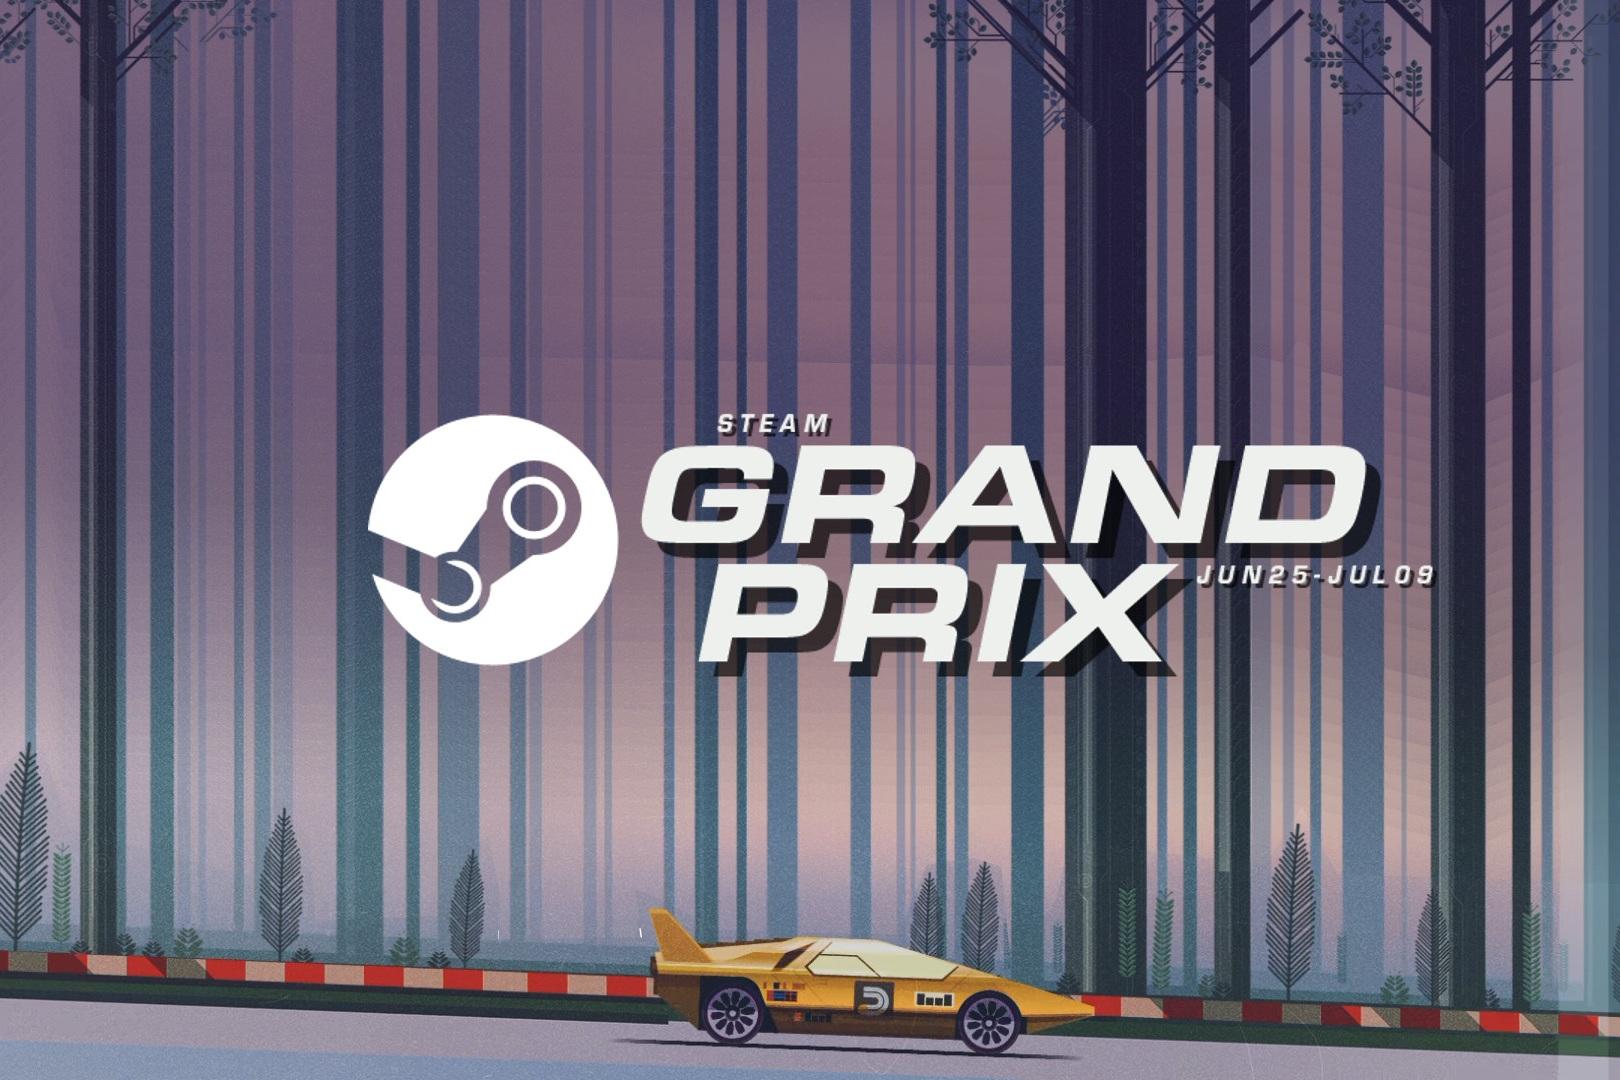 steam-summer-sale-2019-steam-grand-prix.jpg